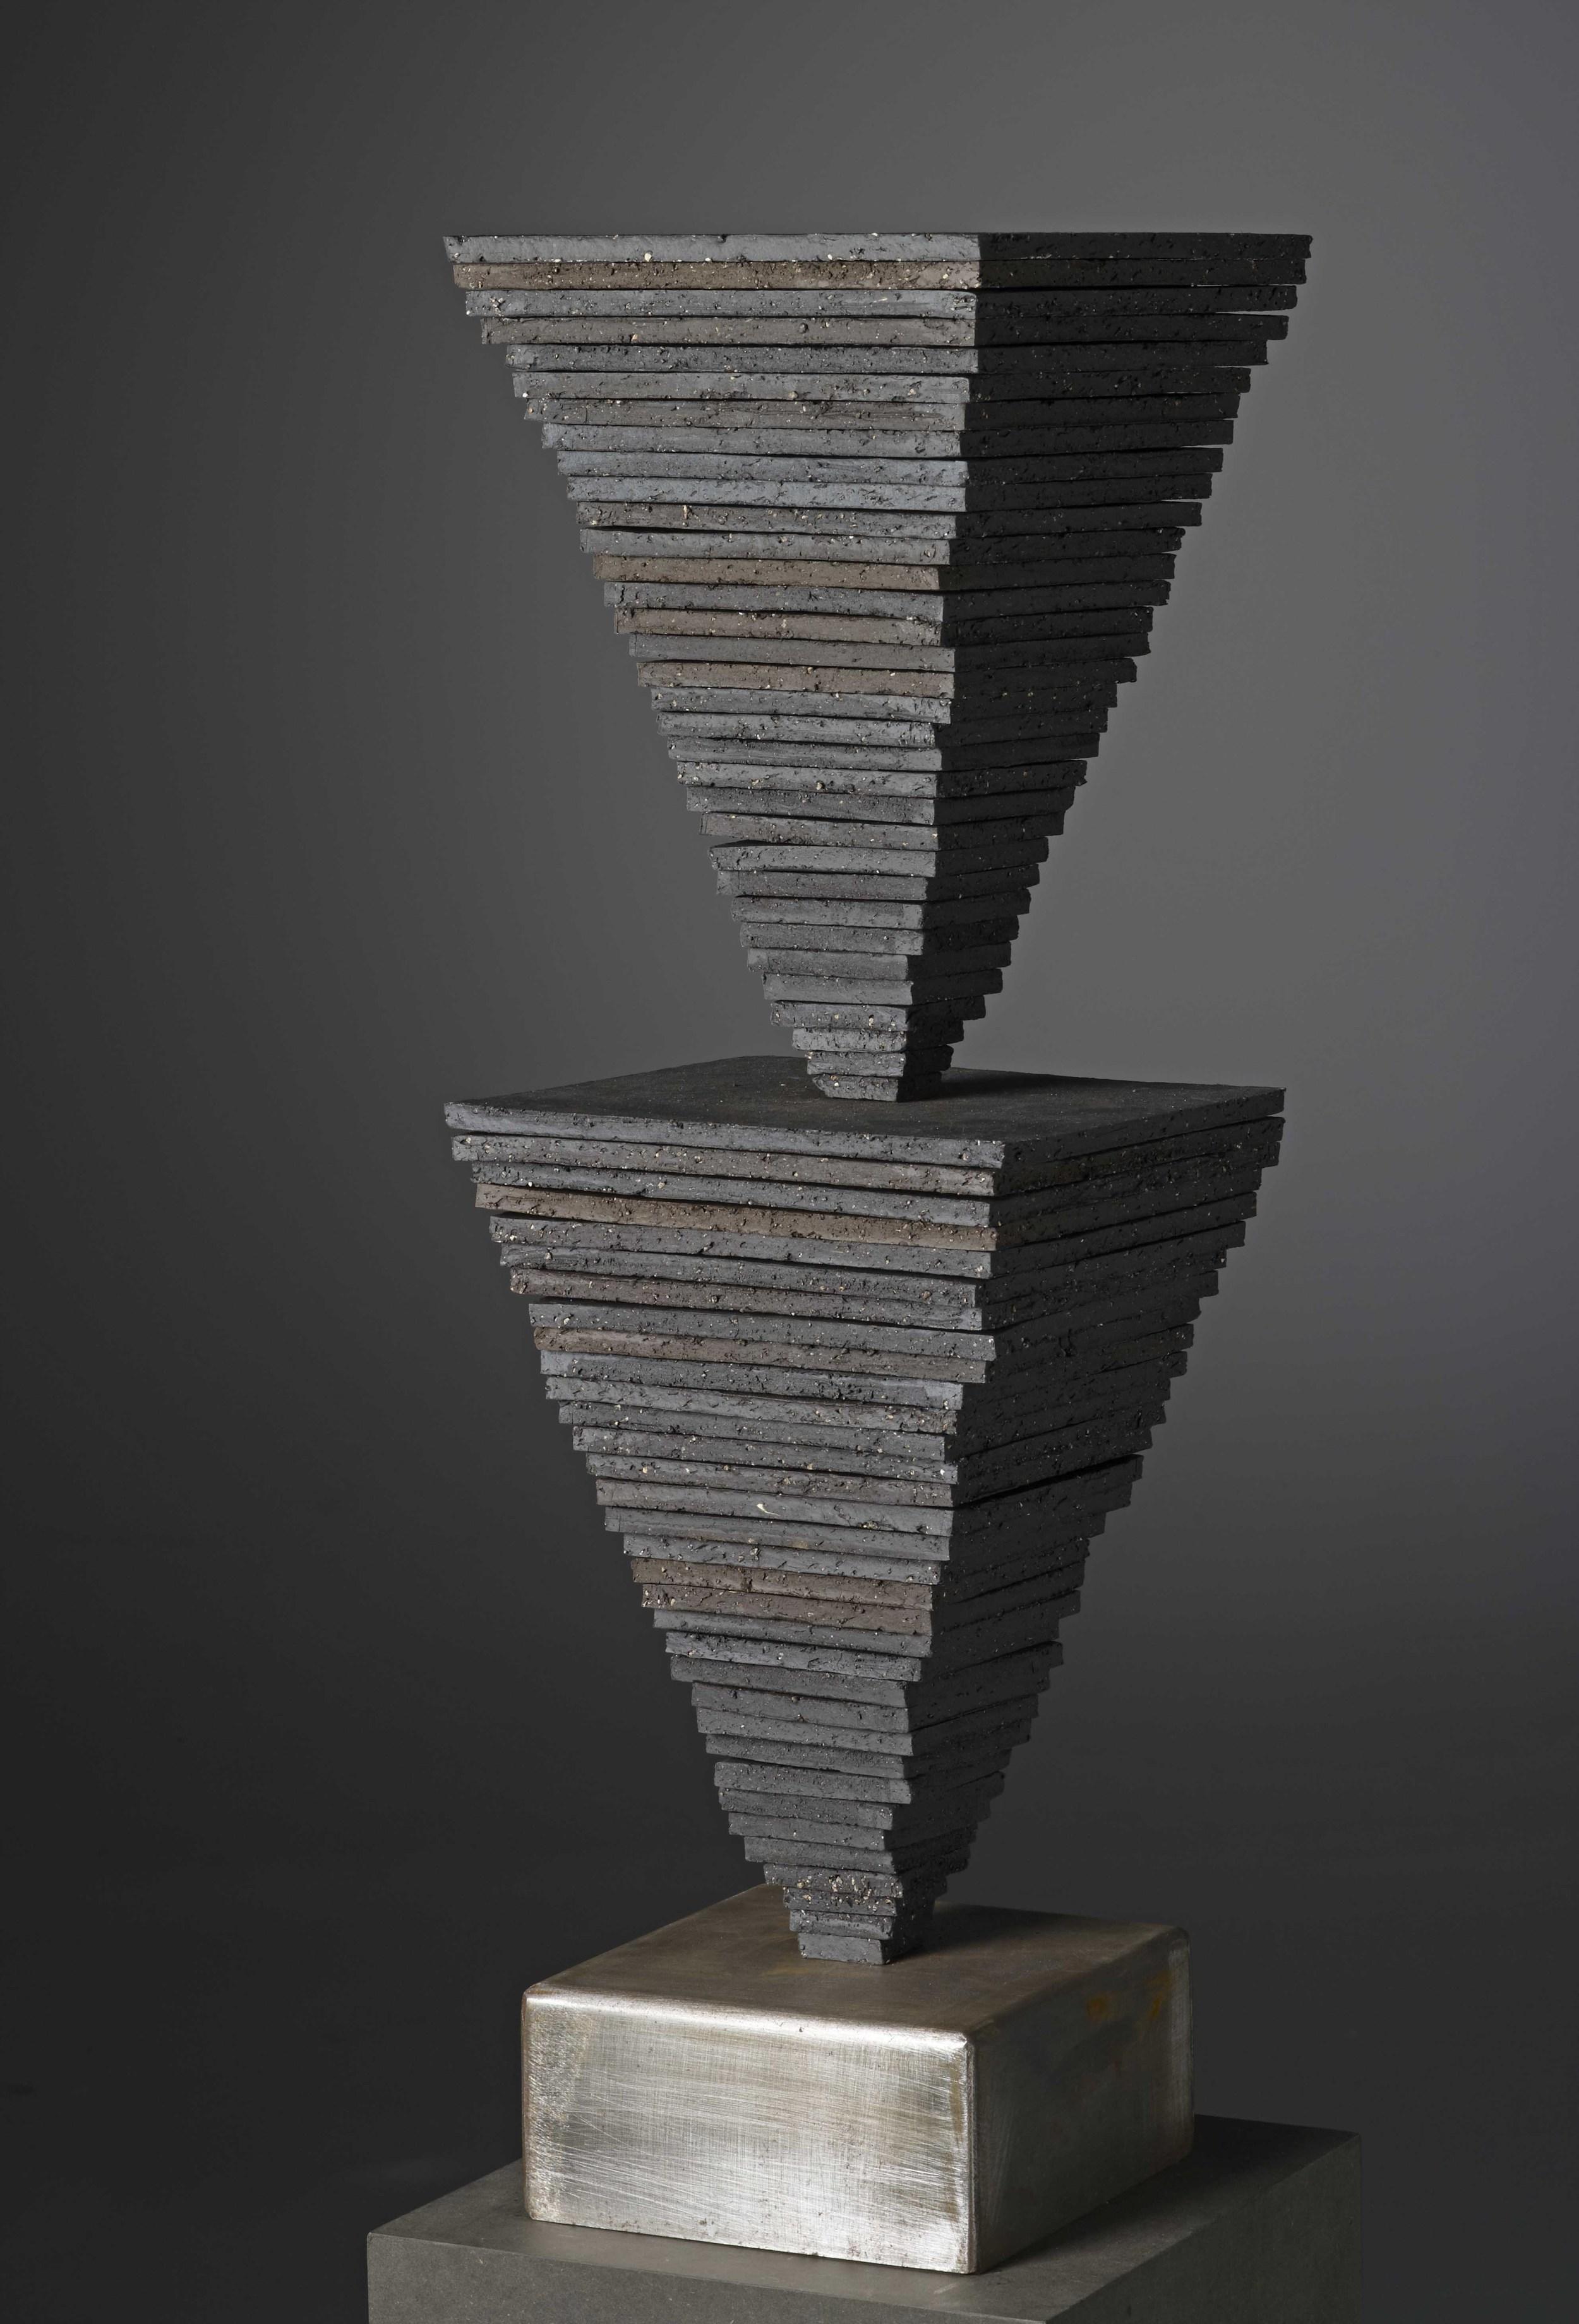 Philip_piramides_kleiner.jpg